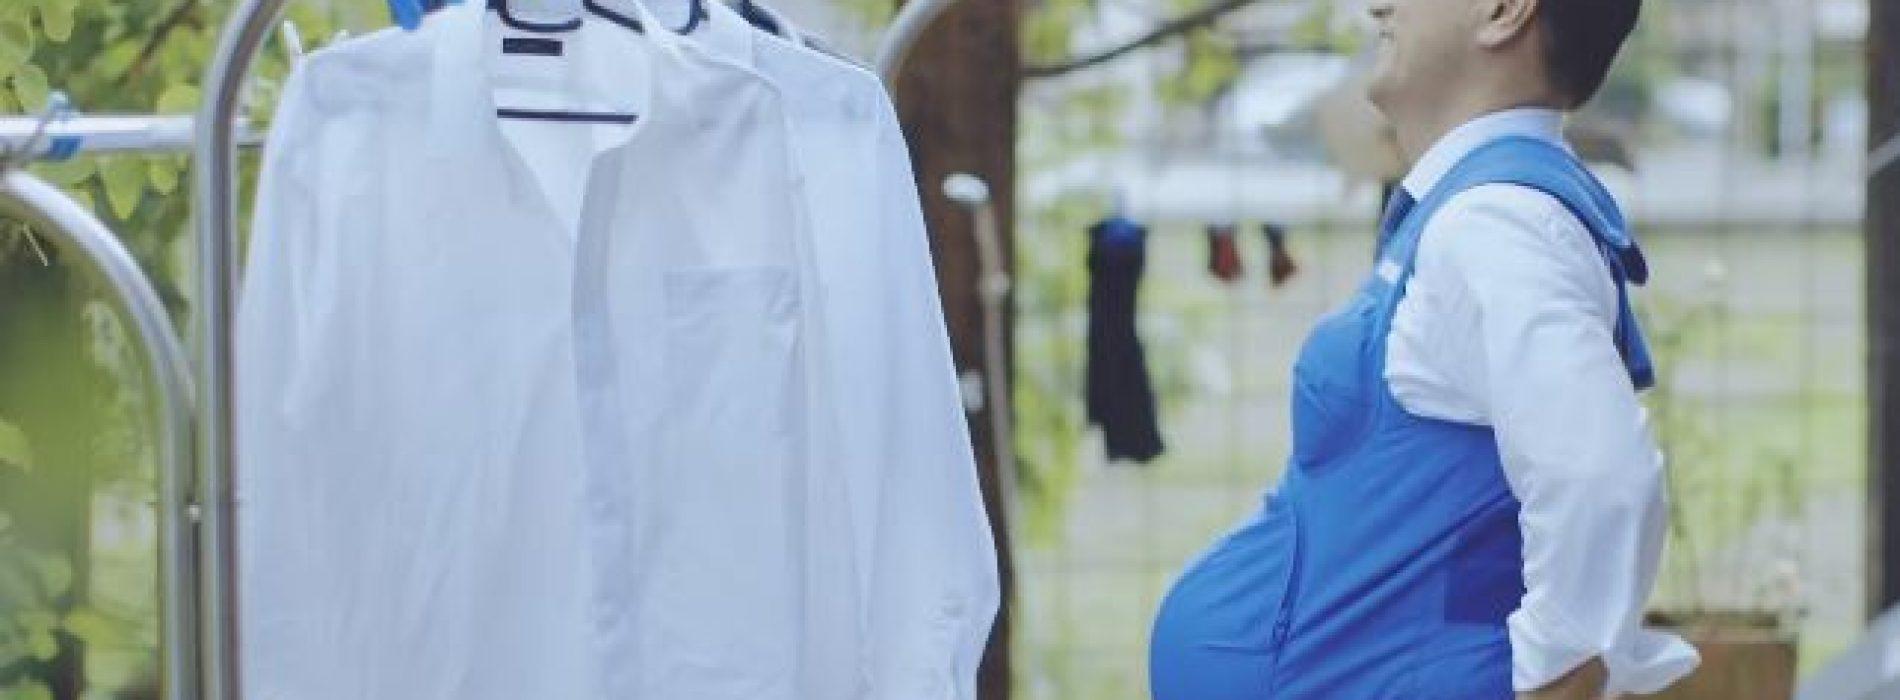 日本男穿7.3公斤「孕婦背心」‧ 體驗孕婦辛勞